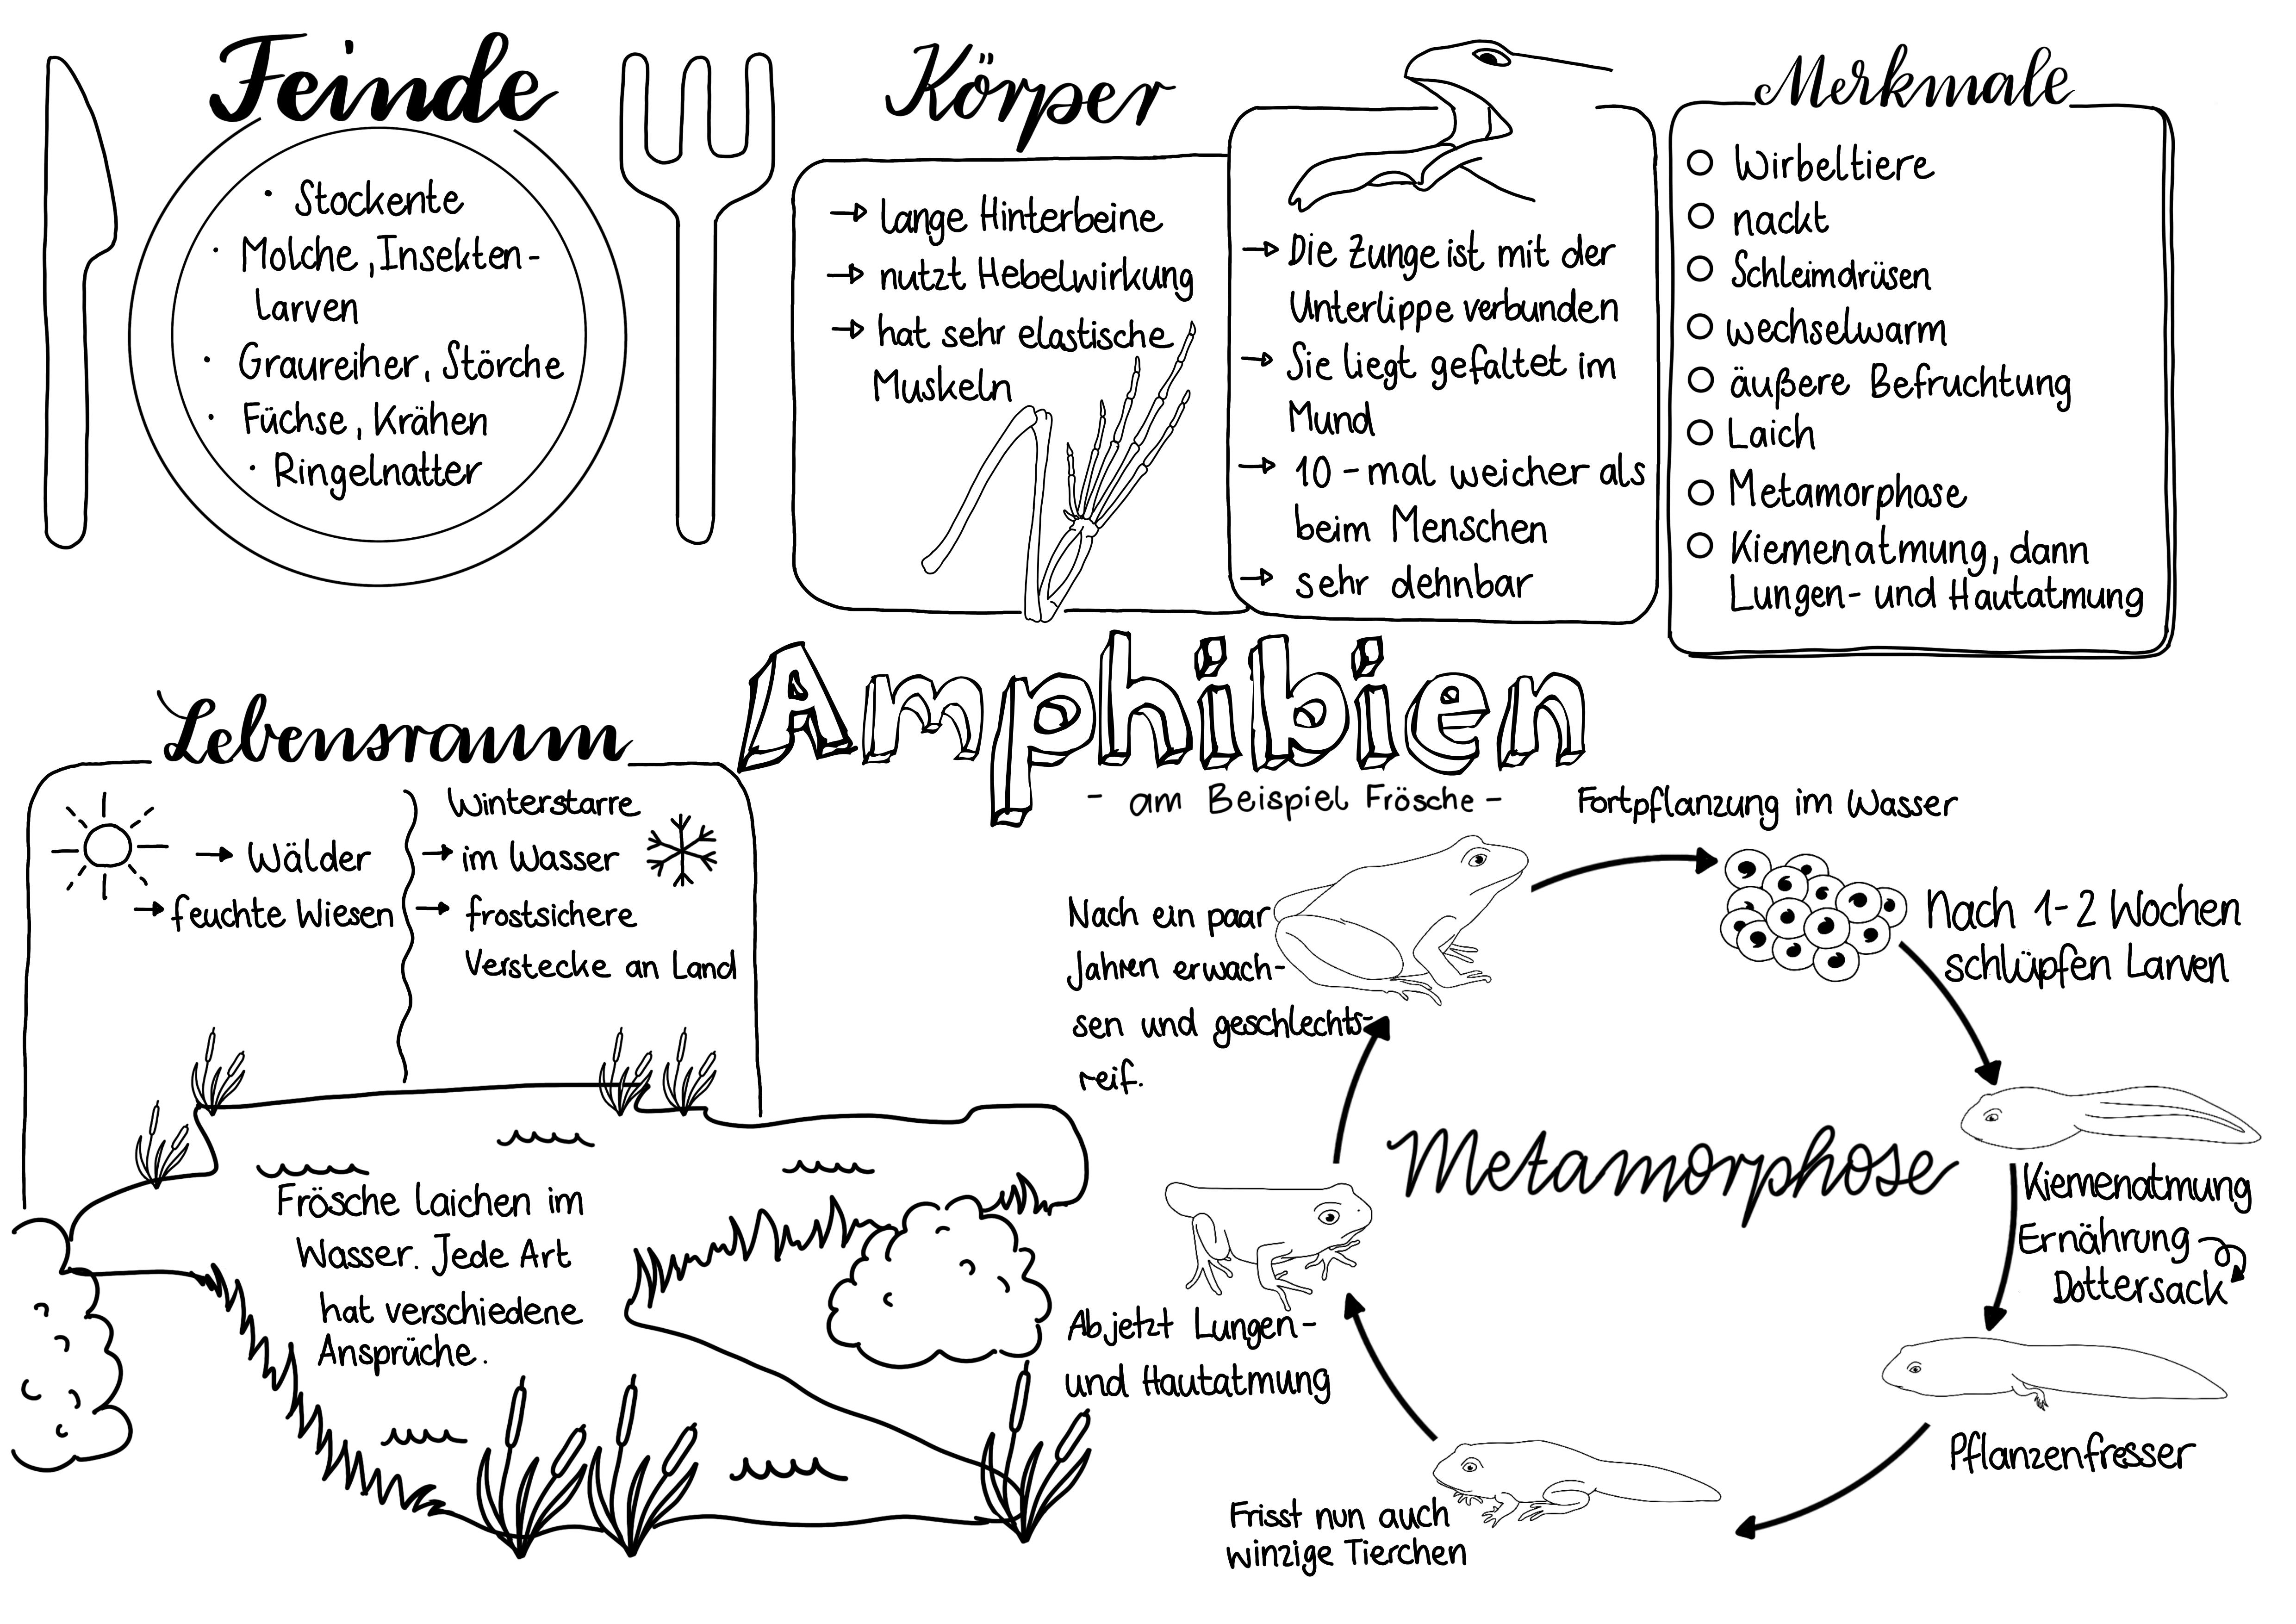 Amphibien Sketchnote Unterrichtsmaterial In Den Fachern Biologie Sachunterricht Biologie Unterrichten Sketch Note Anatomie Lernen